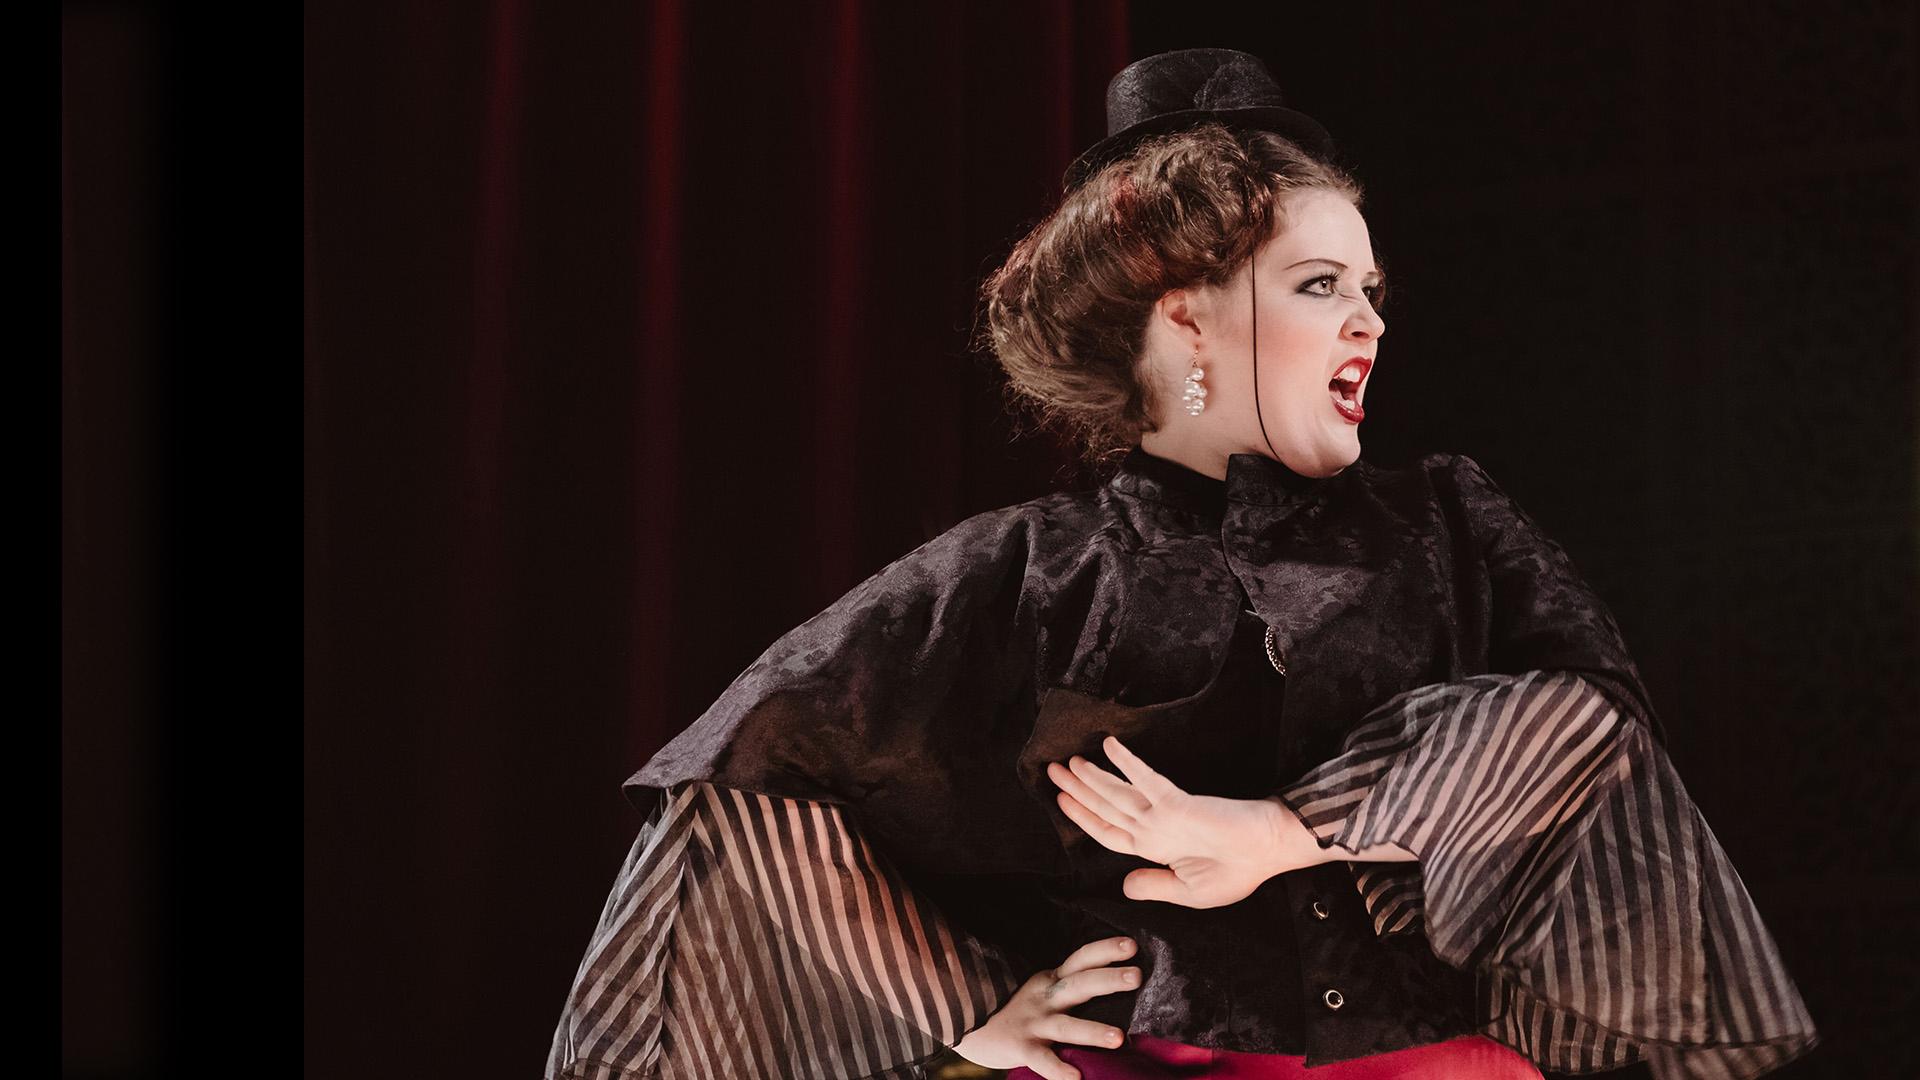 Nainen laulaa oopperaa